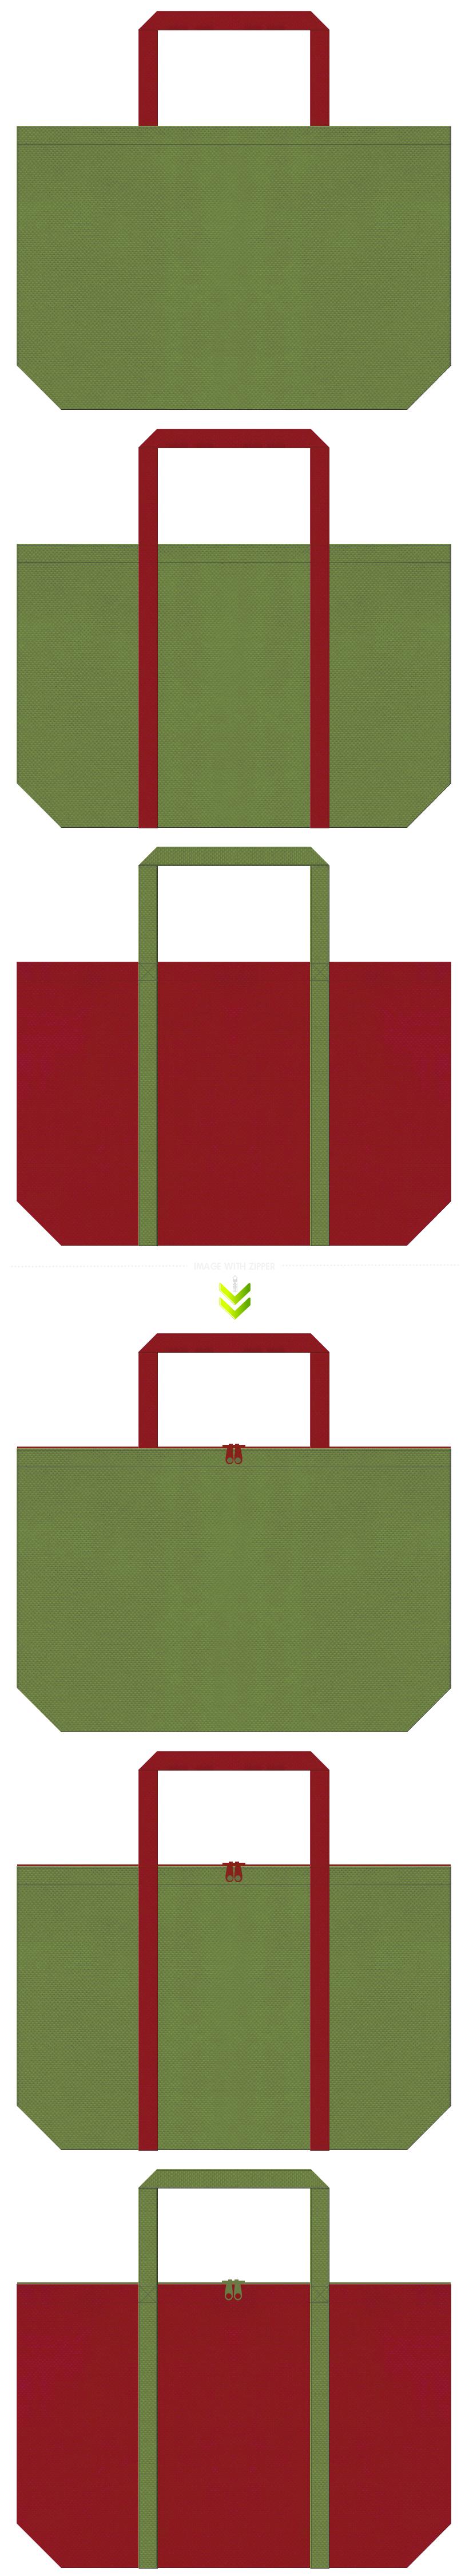 草色とエンジ色の不織布バッグデザイン。和雑貨のショッピングバッグ、着物クリーニングのバッグ、舞踊のイメージにお奨めです。